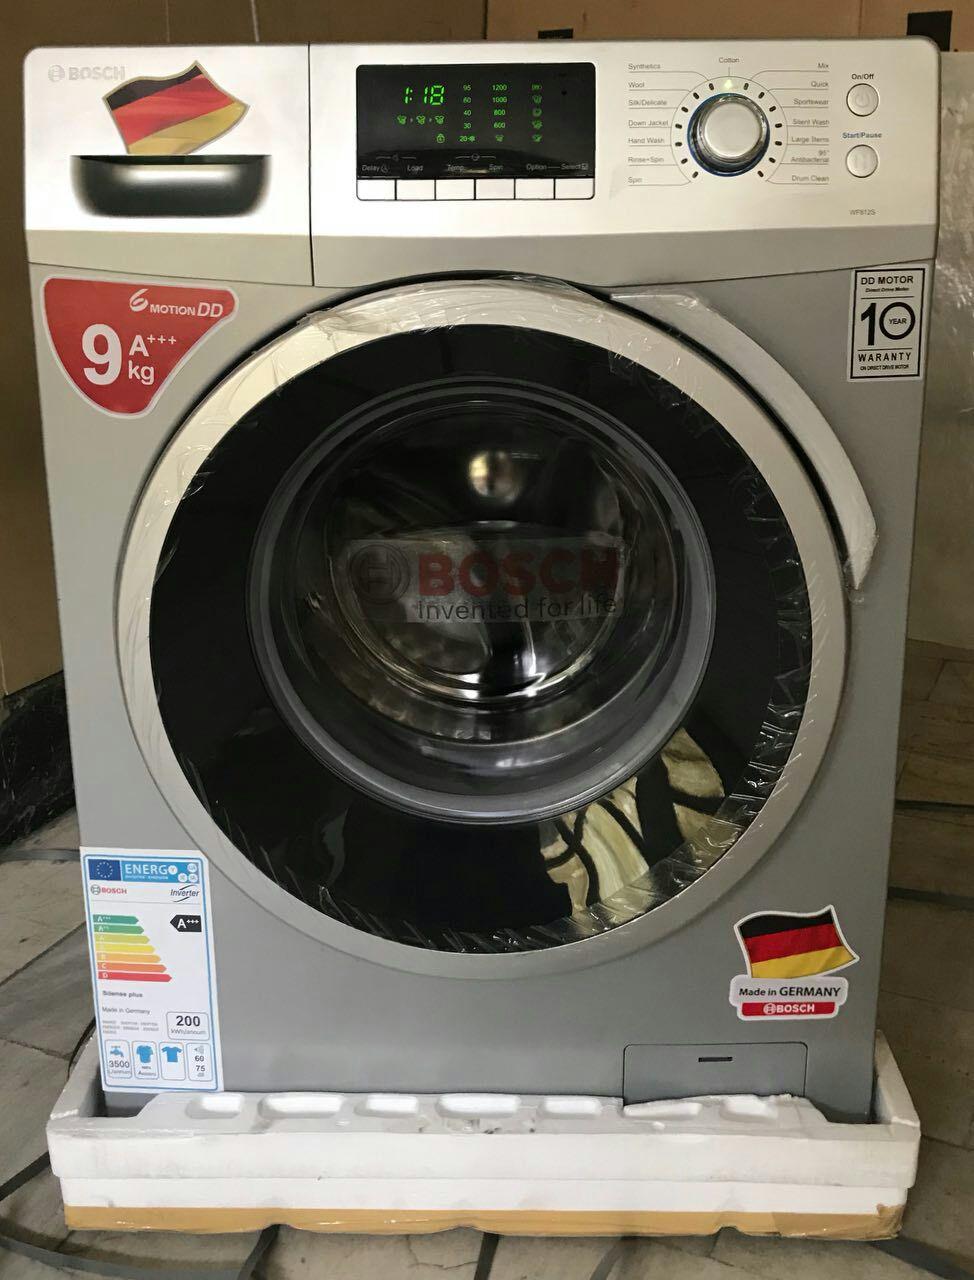 ماشین لباسشویی 9 کیلو 1400 دور بوش